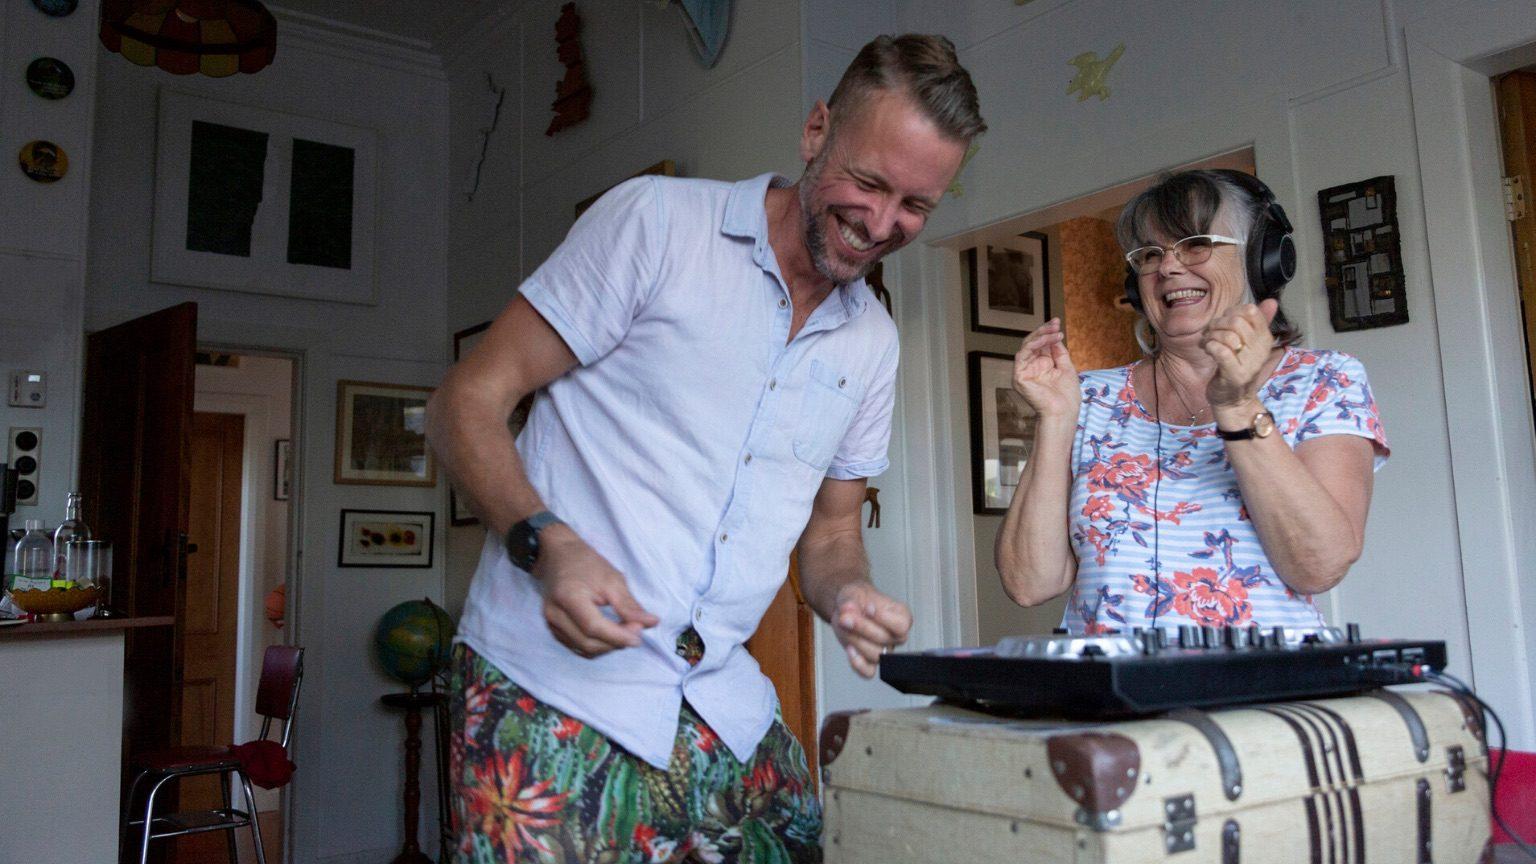 Man dancing next to older woman